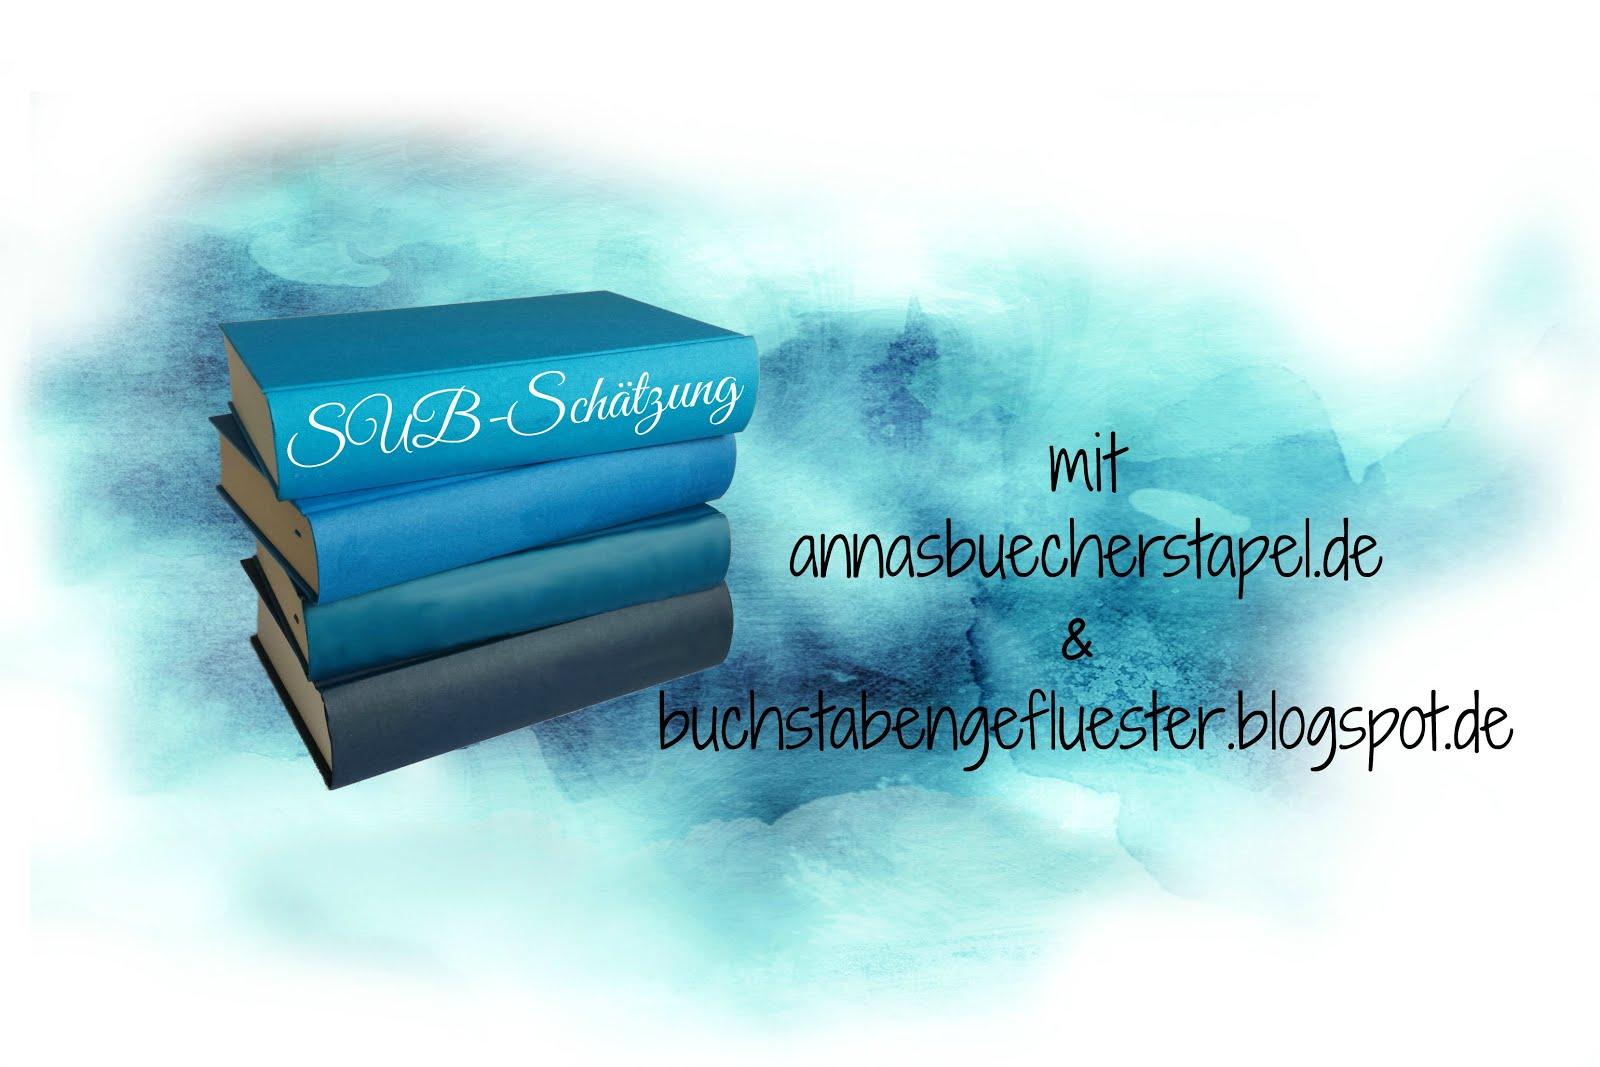 SuB-Schätzung mit Annas Bücherstapel